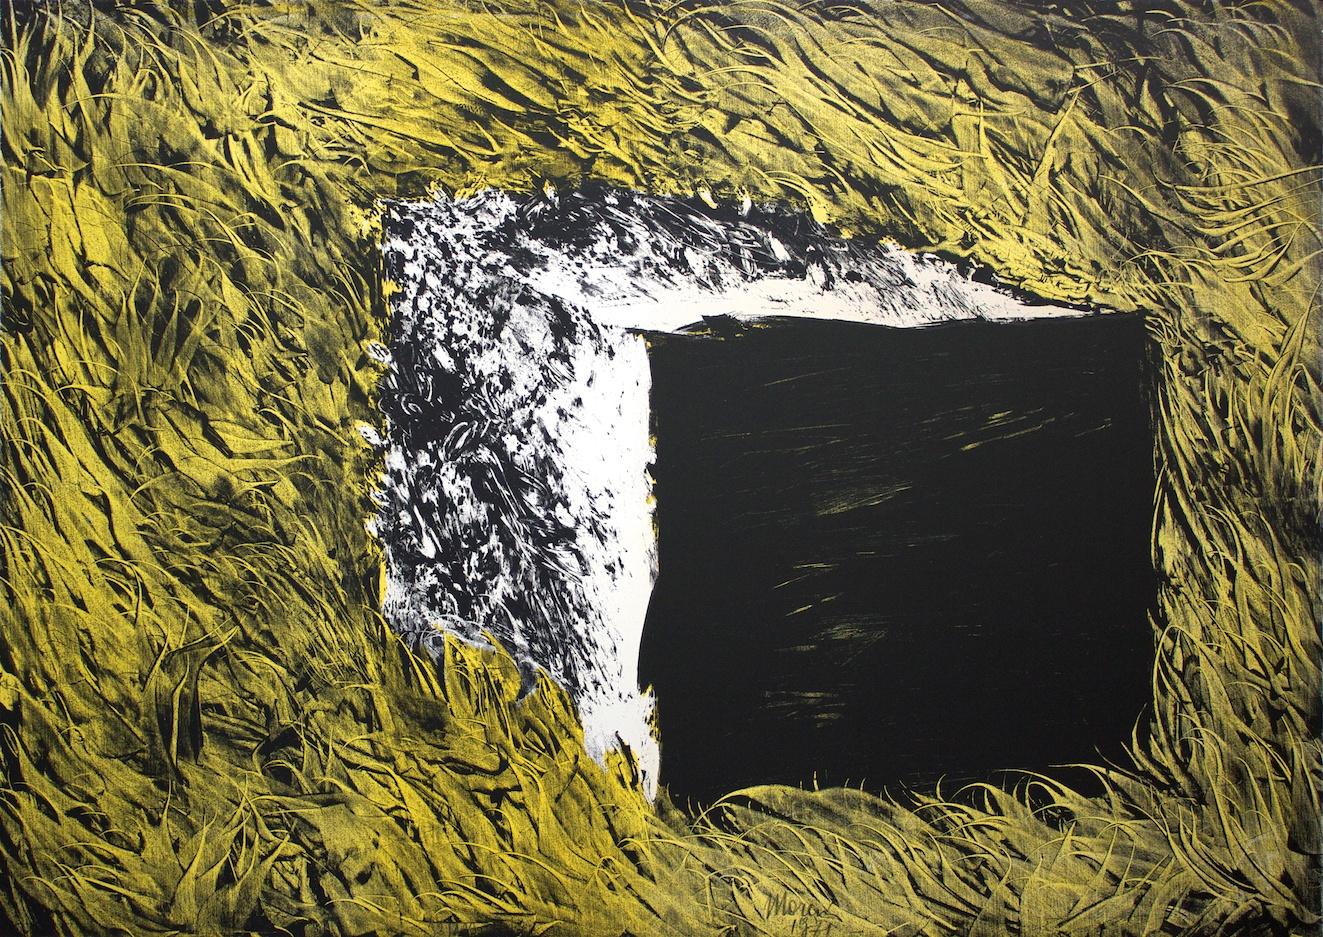 """Un Pezzo Di """"Sugar-Baby"""" Su Campo-Pelliccia (A Piece Of """"Sugar-Baby"""" On Field-Fur) - litografia su carta (lithography on paper) - 1971"""